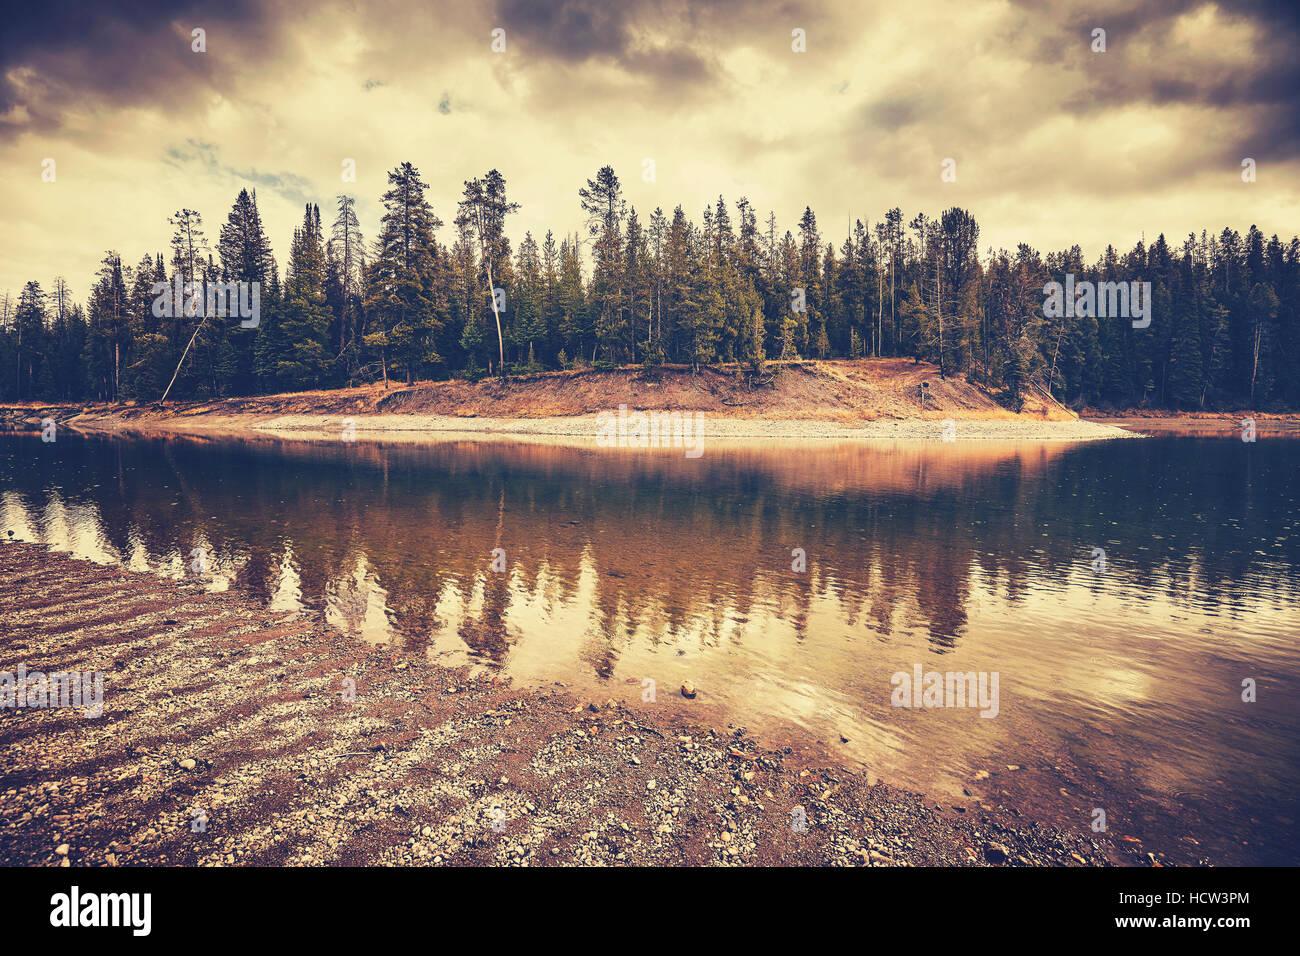 Vintage getönten geheimnisvolle Landschaft an regnerischen Tag im Grand-Teton-Nationalpark, Wyoming, USA. Stockbild